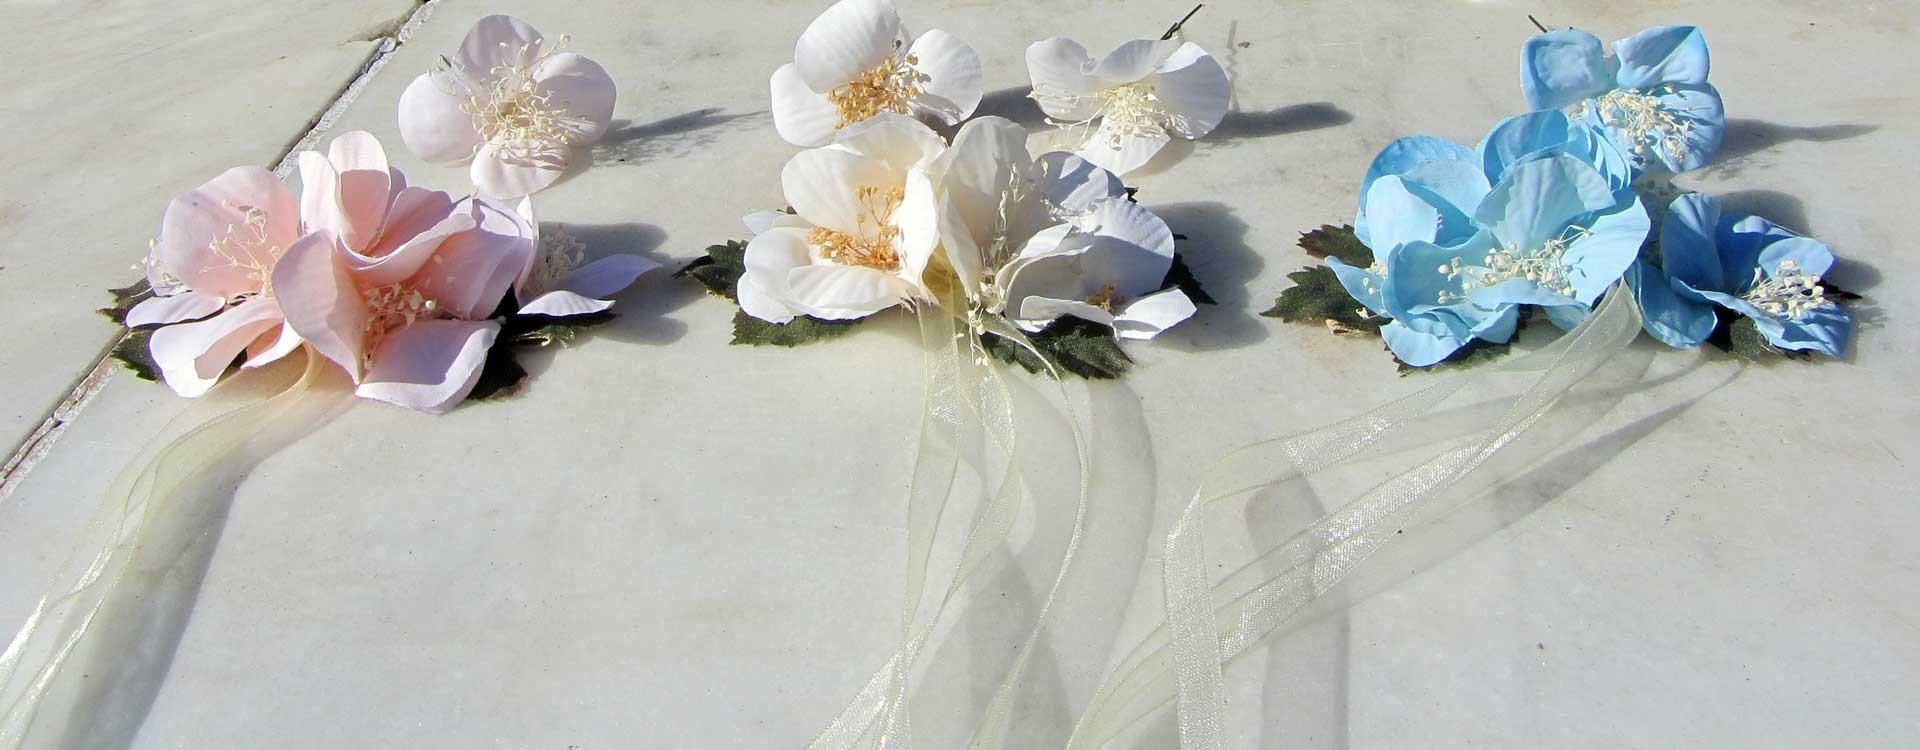 Pasadores y horquillas de flores para las niñas de arras